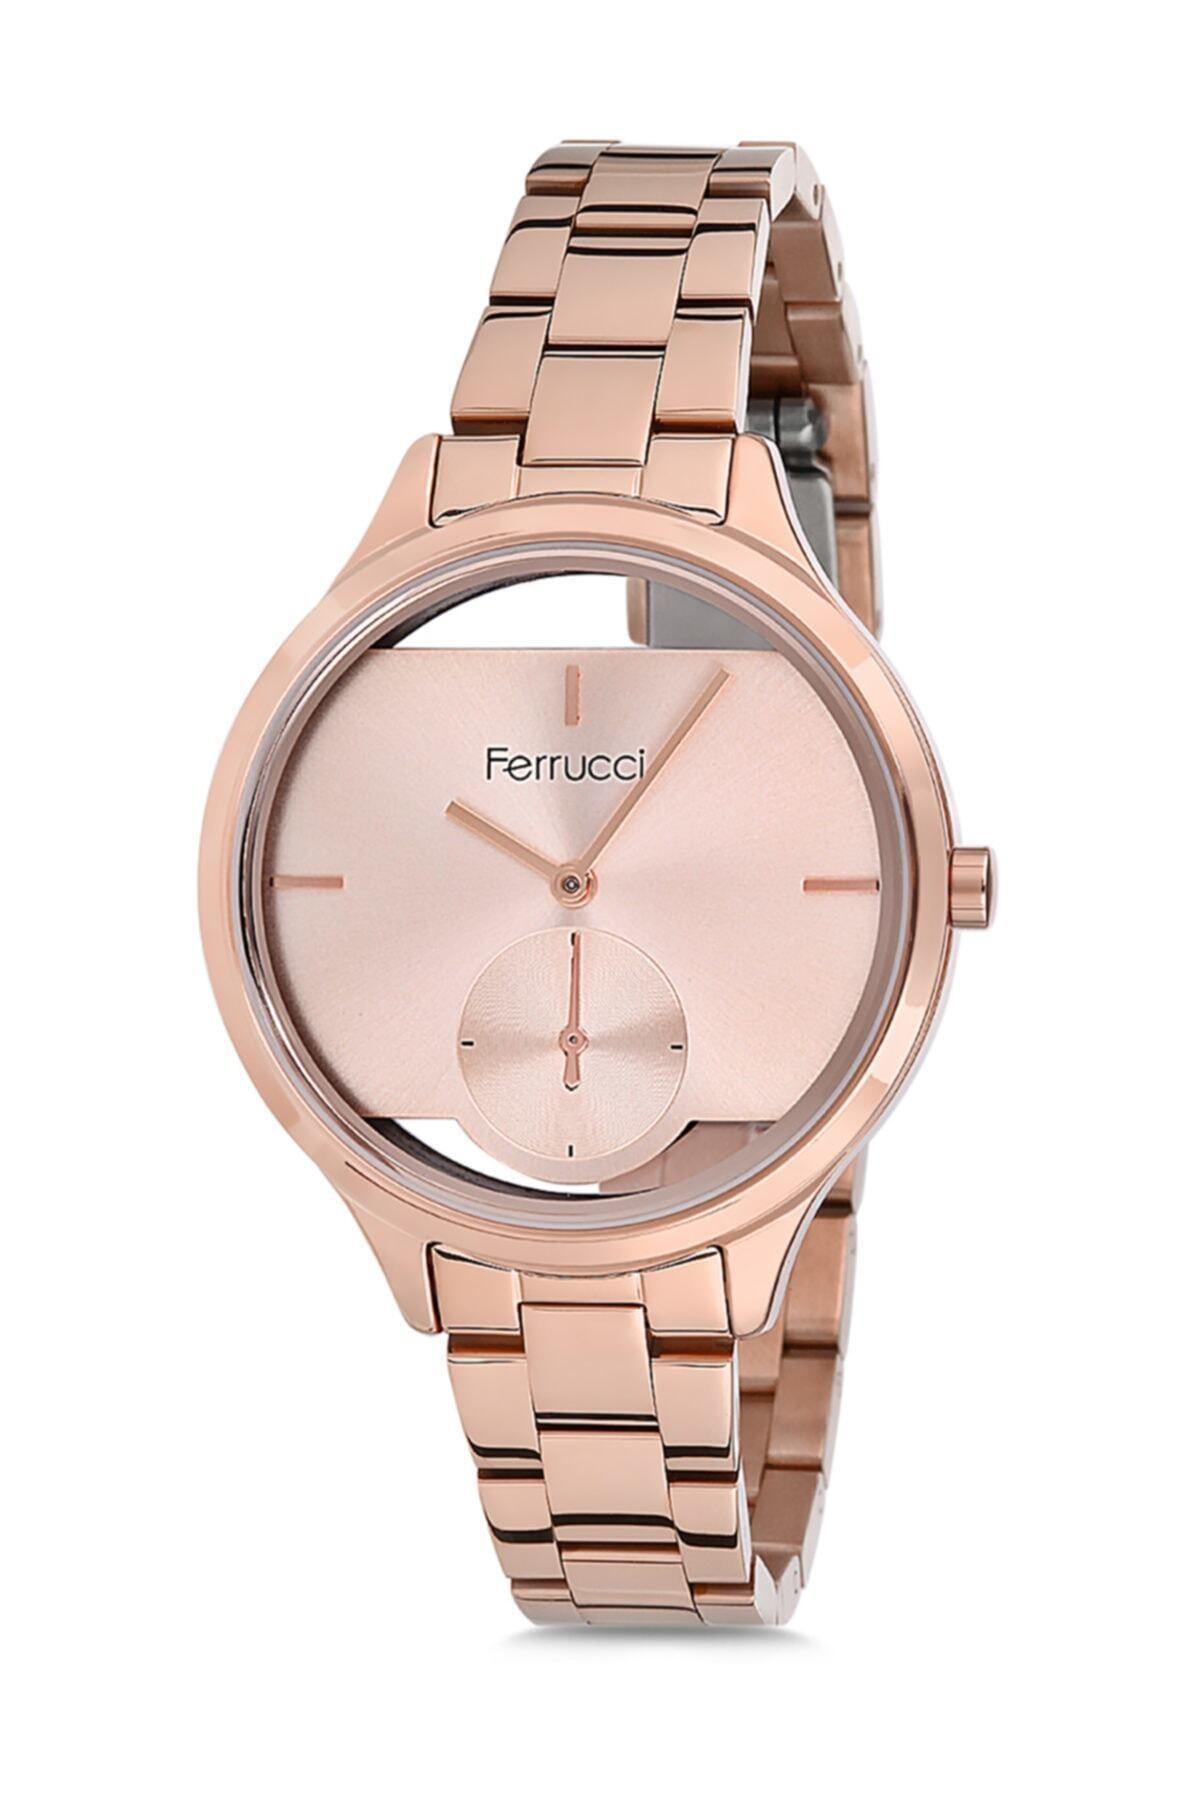 Ferrucci Fc.13234m.03 Kadın Kol Saati 1